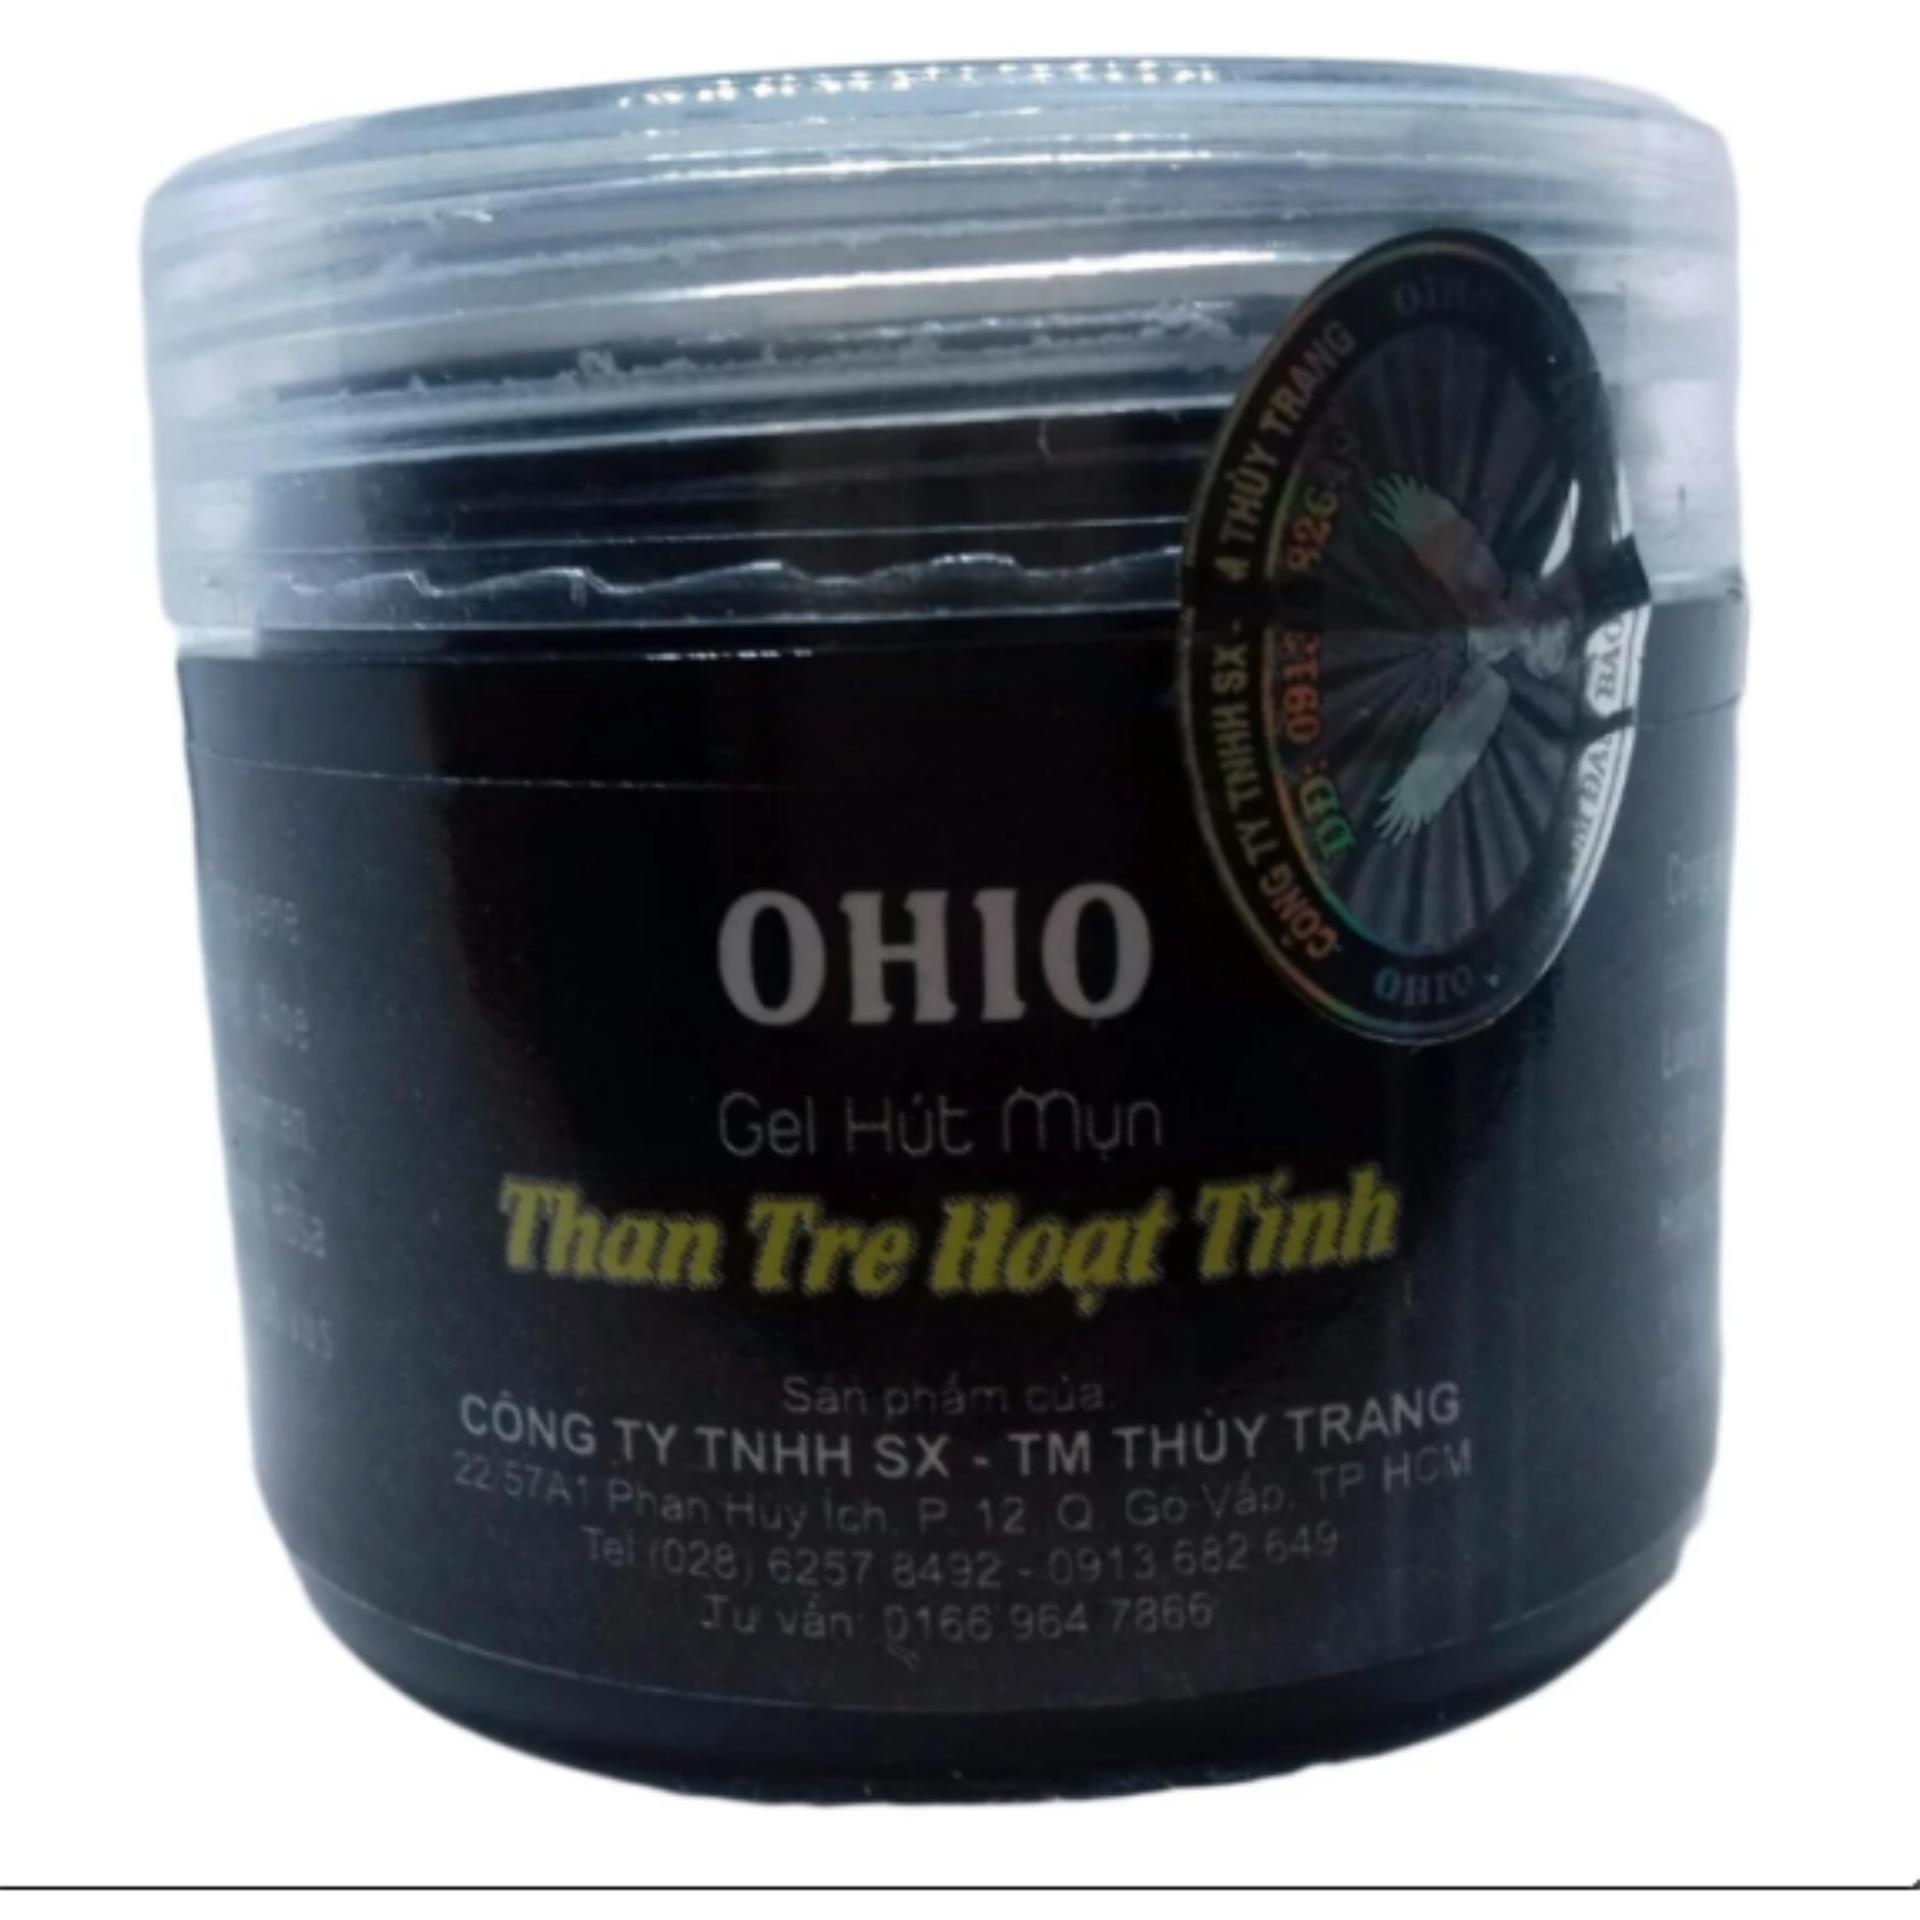 Gel Hút Mụn Ohio - Gel Than Tre Hoạt Tính - Hút Tận Gốc Các Loại Mụn nhập khẩu